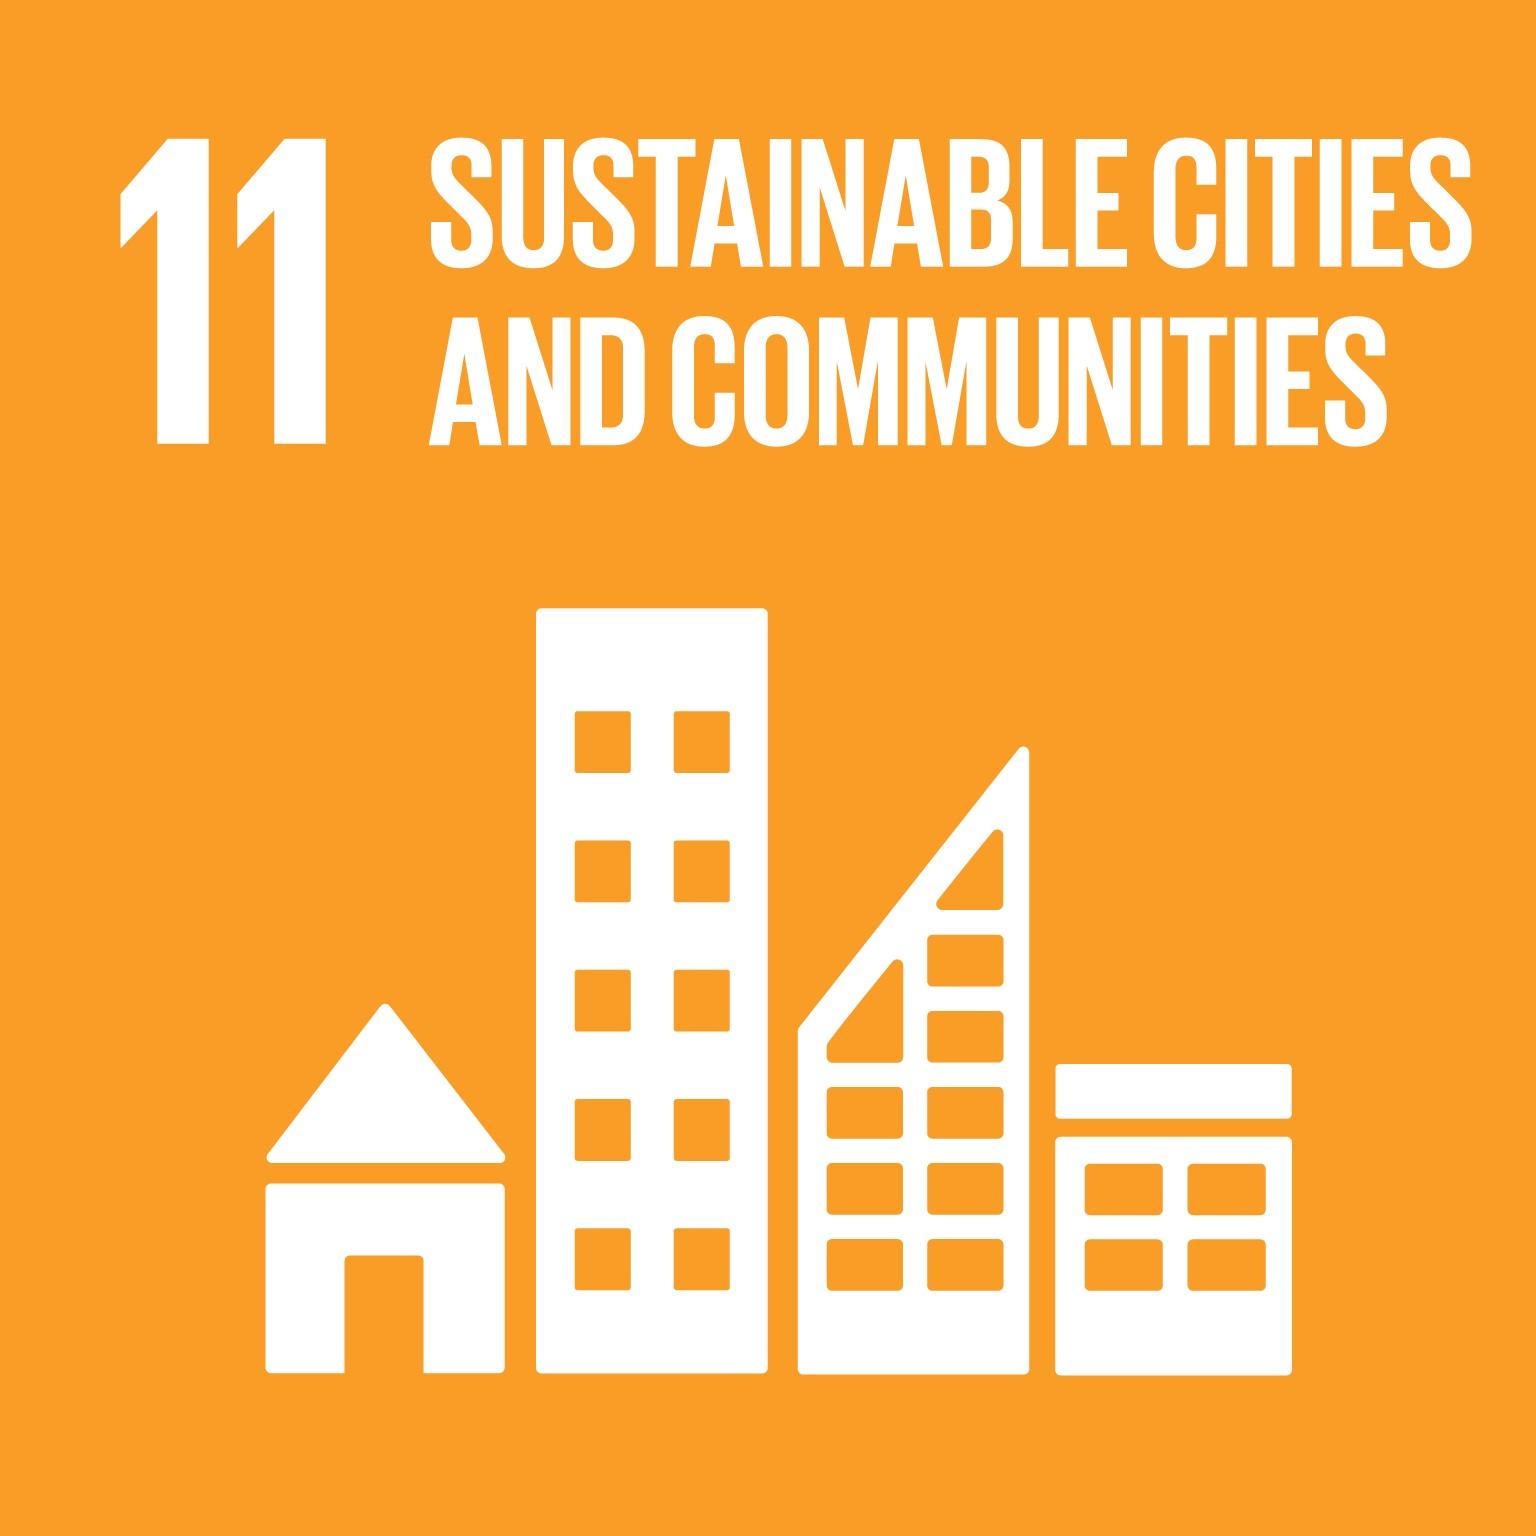 SDG #11